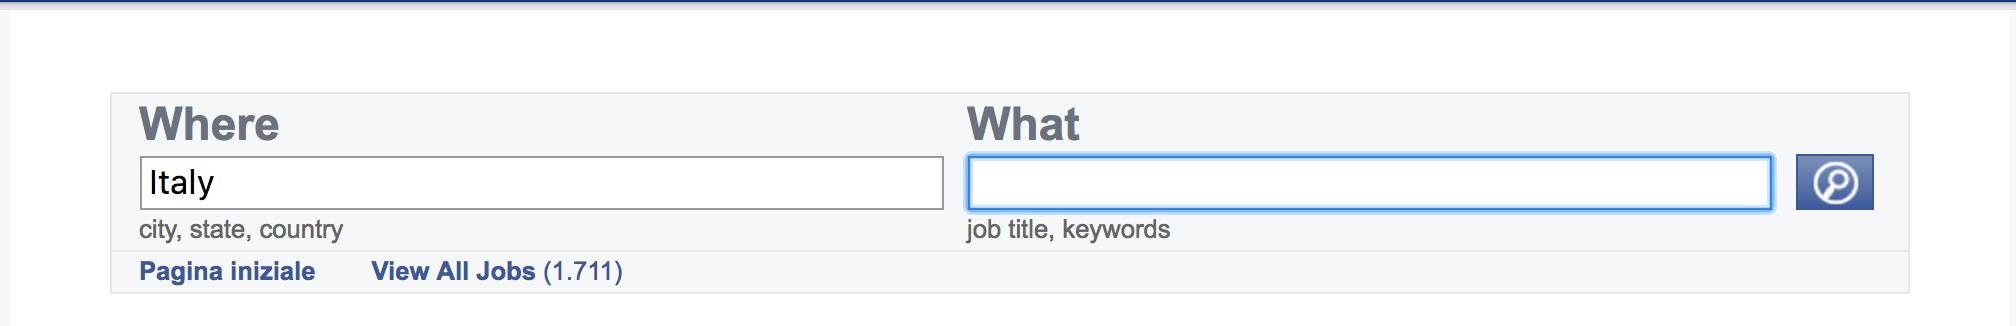 Facebook job